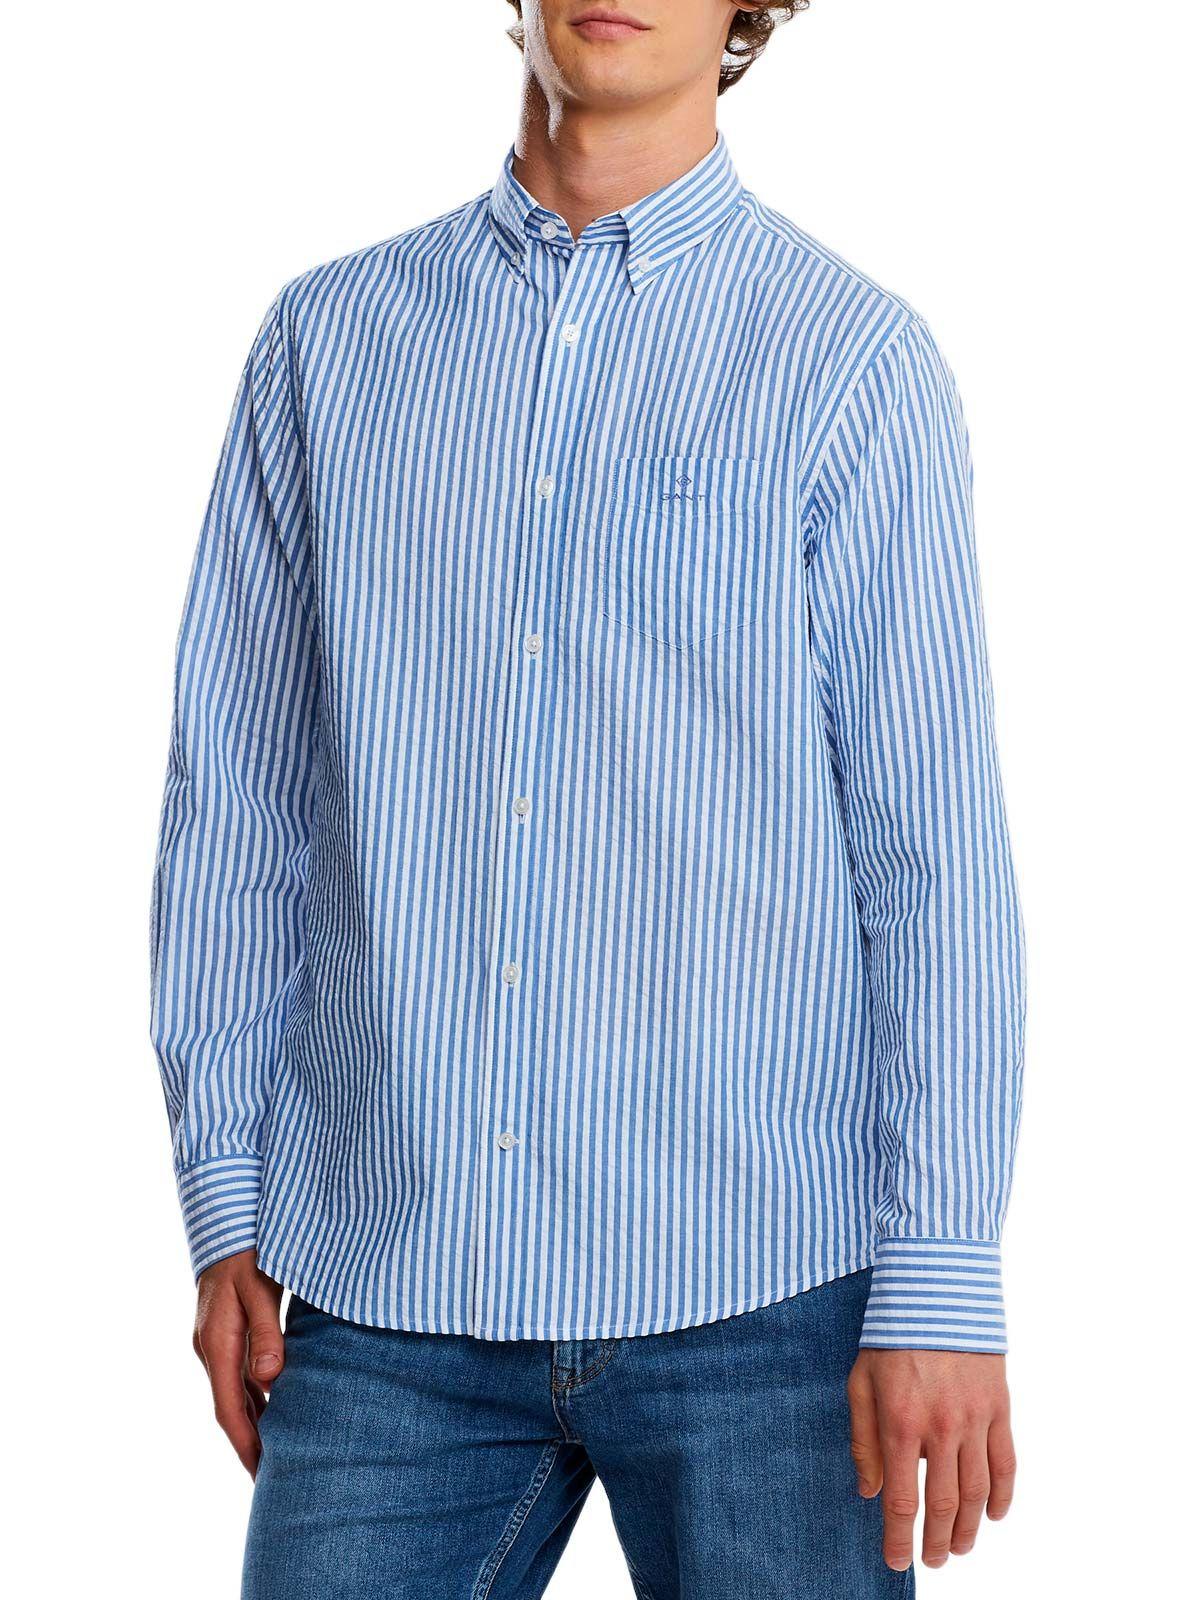 Gant Cottons GANT MEN'S LIGHT BLUE COTTON SHIRT